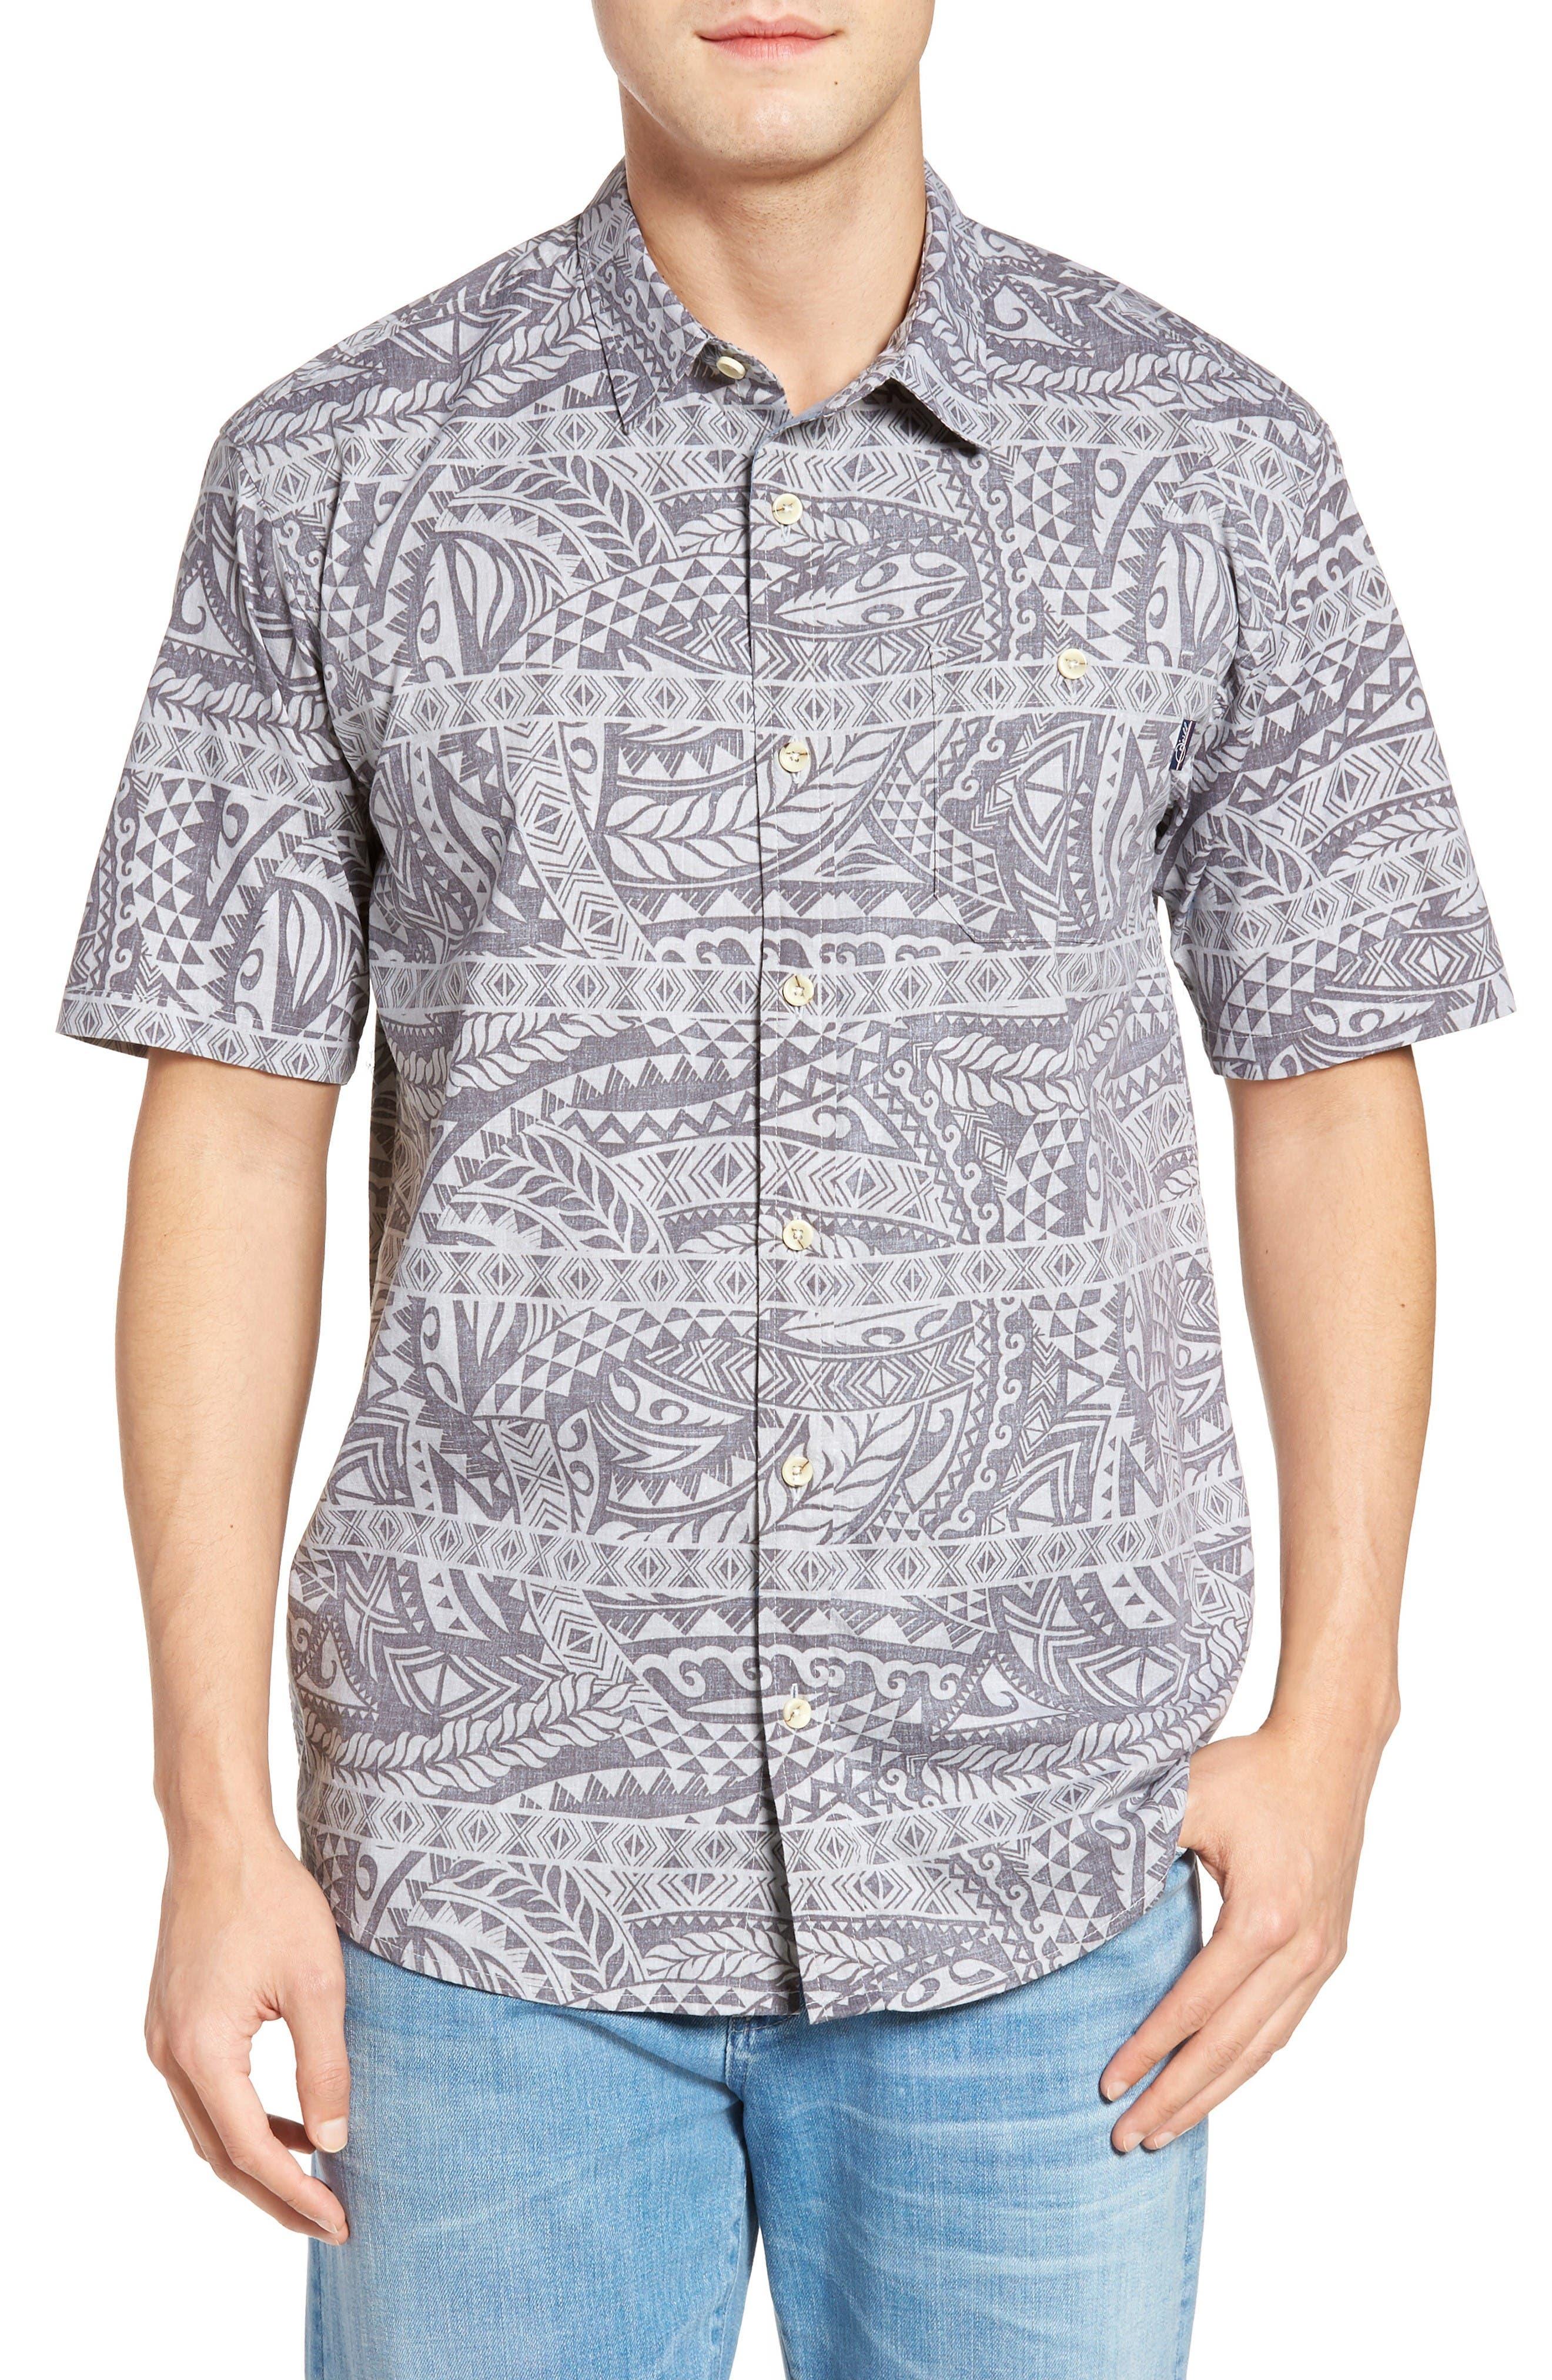 West Winds Sport Shirt,                         Main,                         color, Rock